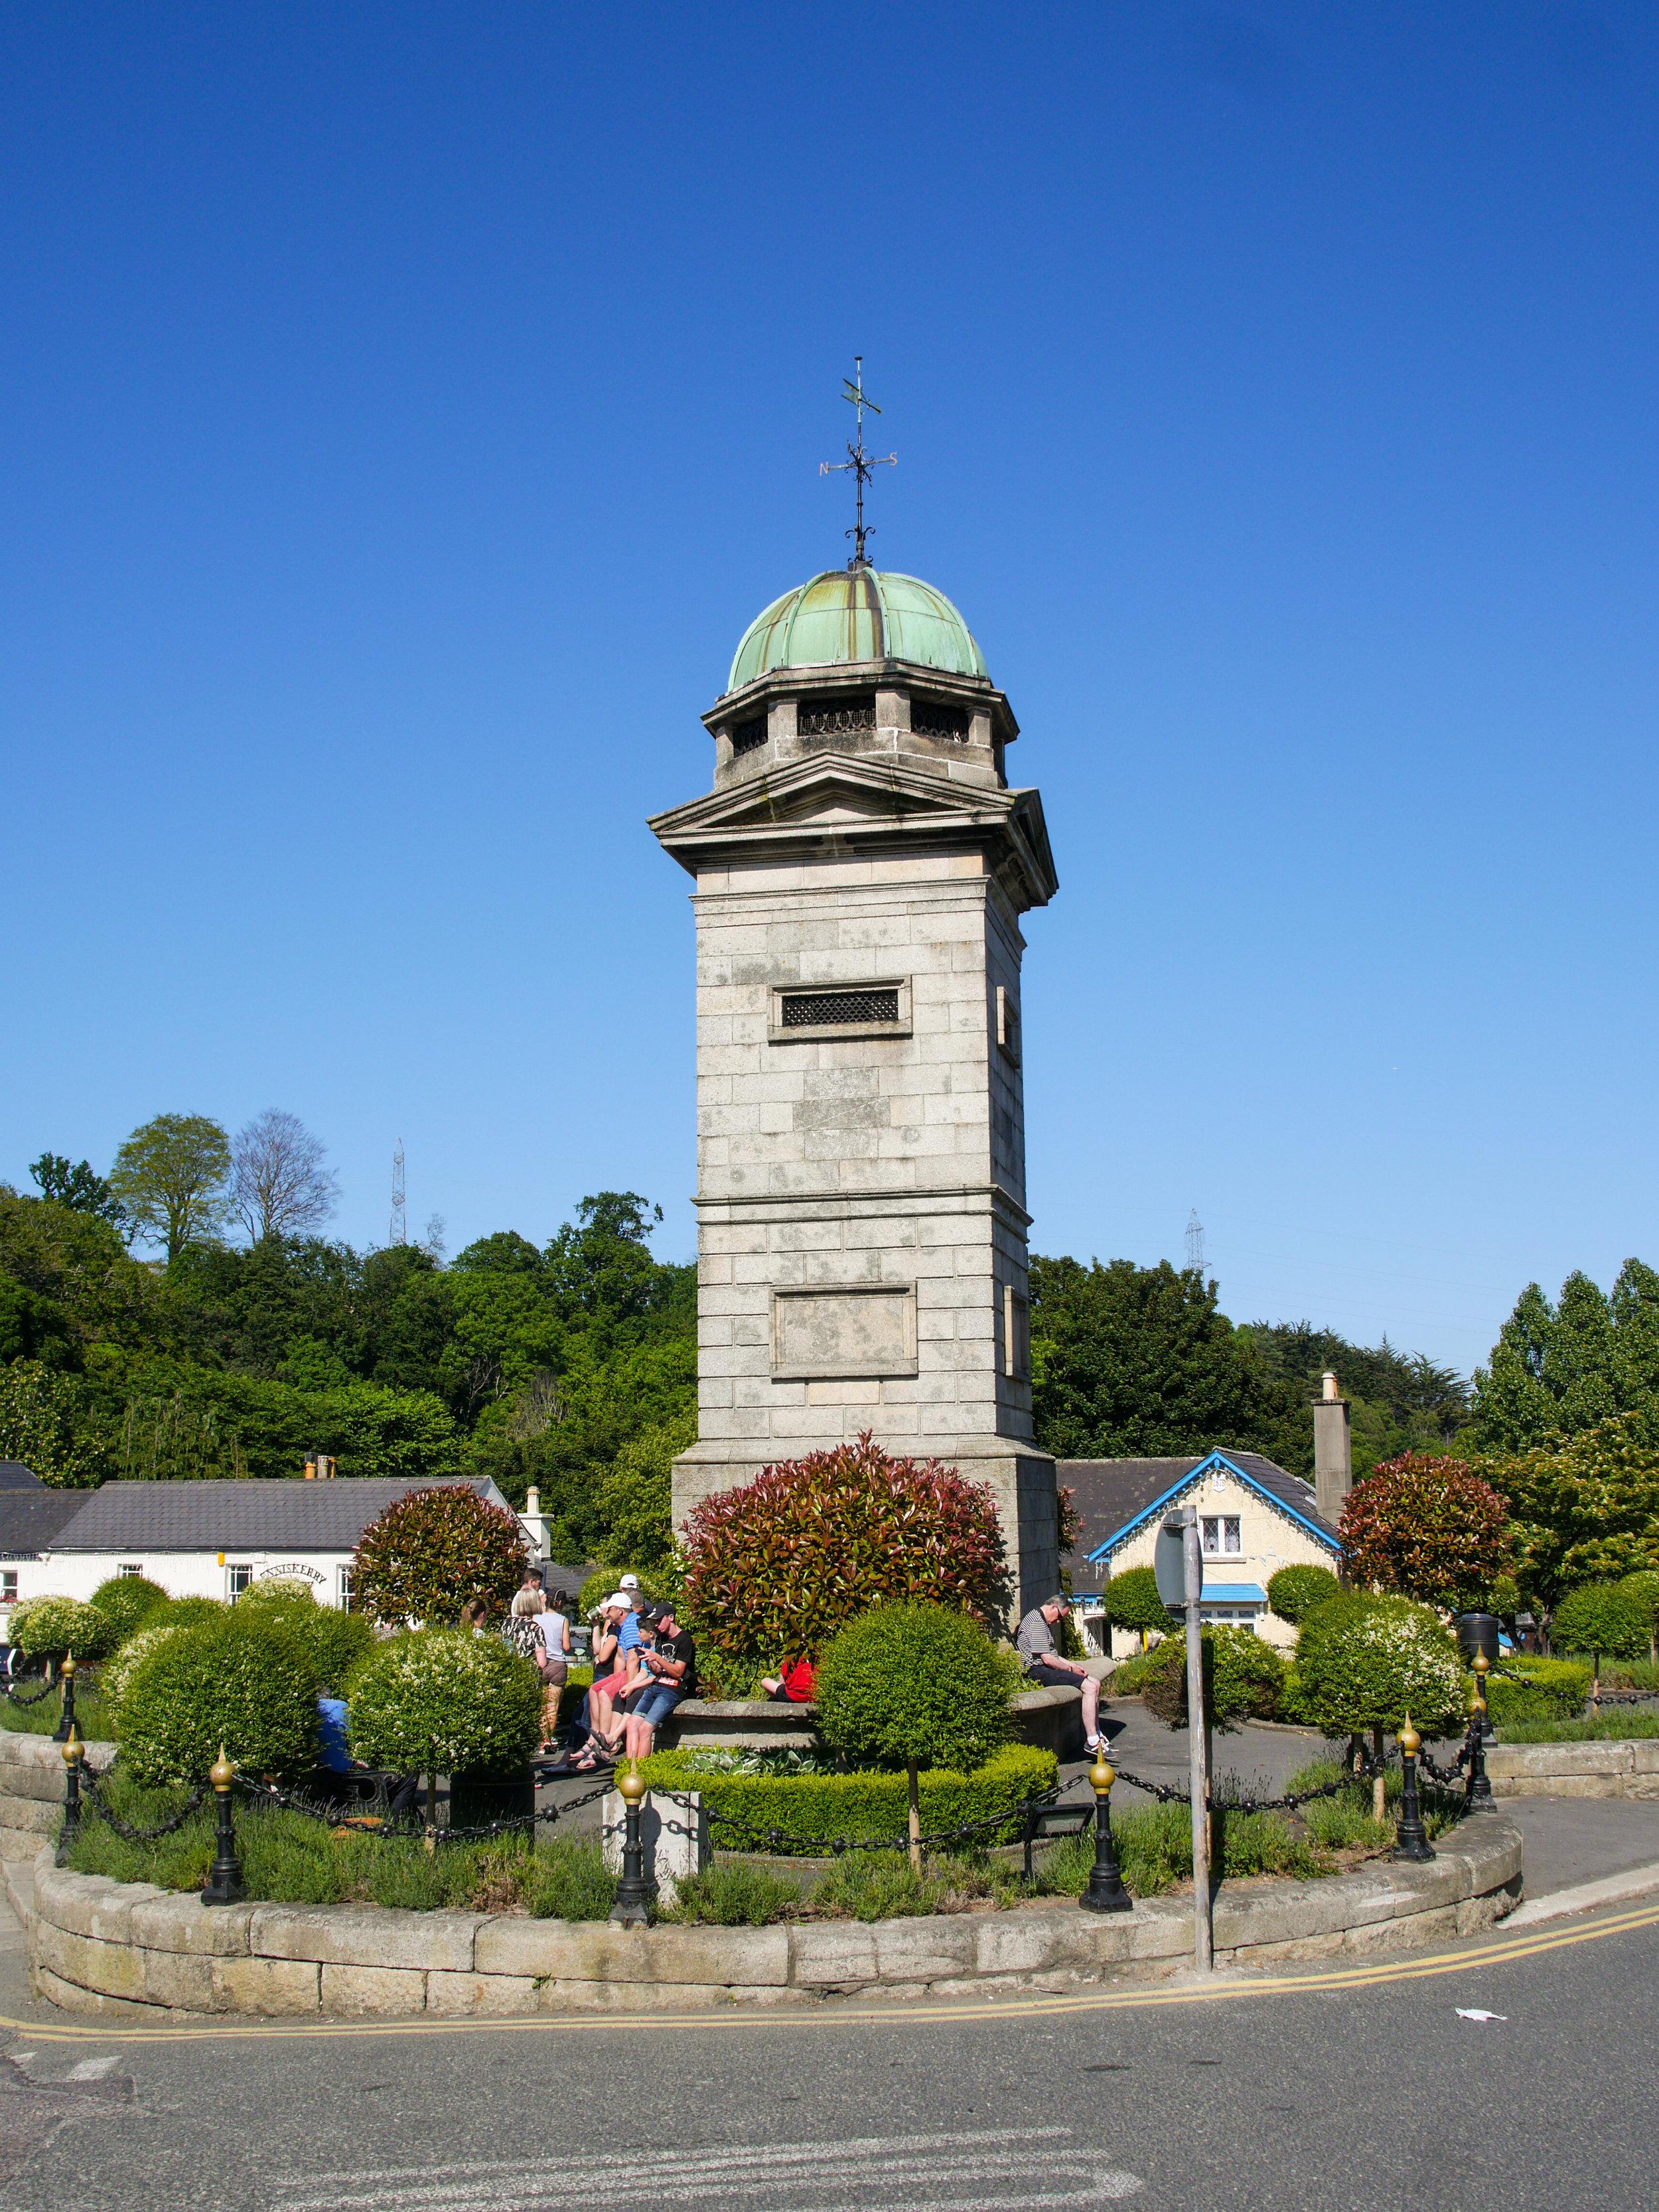 Clocktower in Enniskerry Village, Wicklow, Ireland